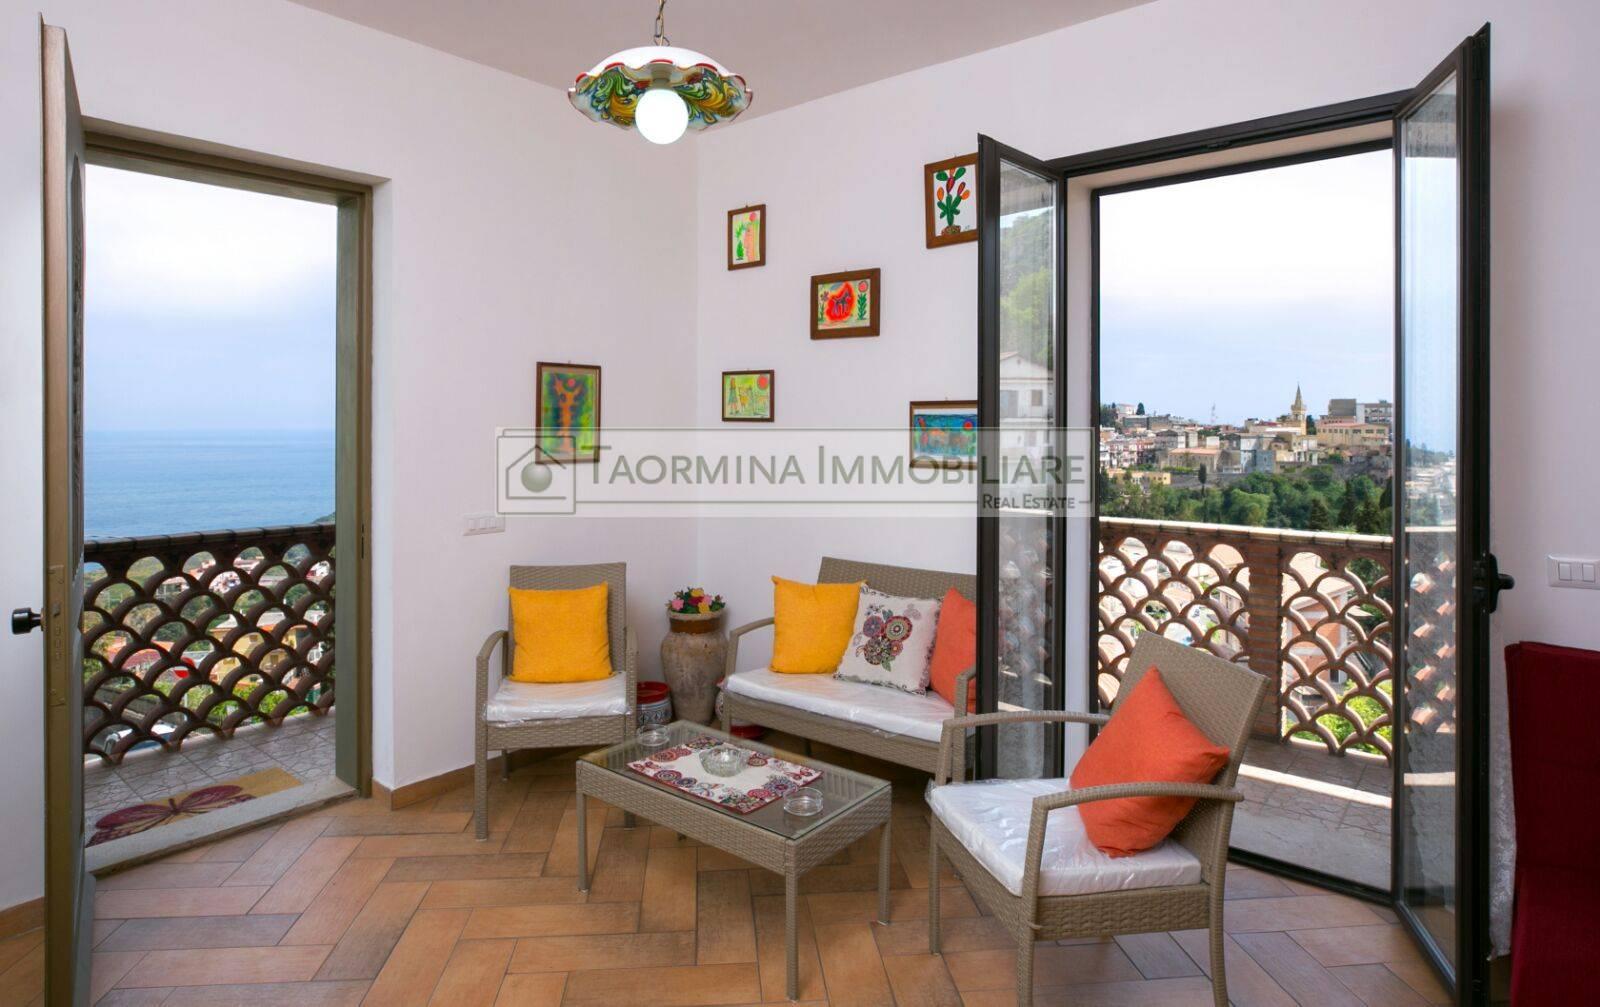 Appartamento in vendita a Taormina, 3 locali, zona ro, prezzo € 450.000   PortaleAgenzieImmobiliari.it